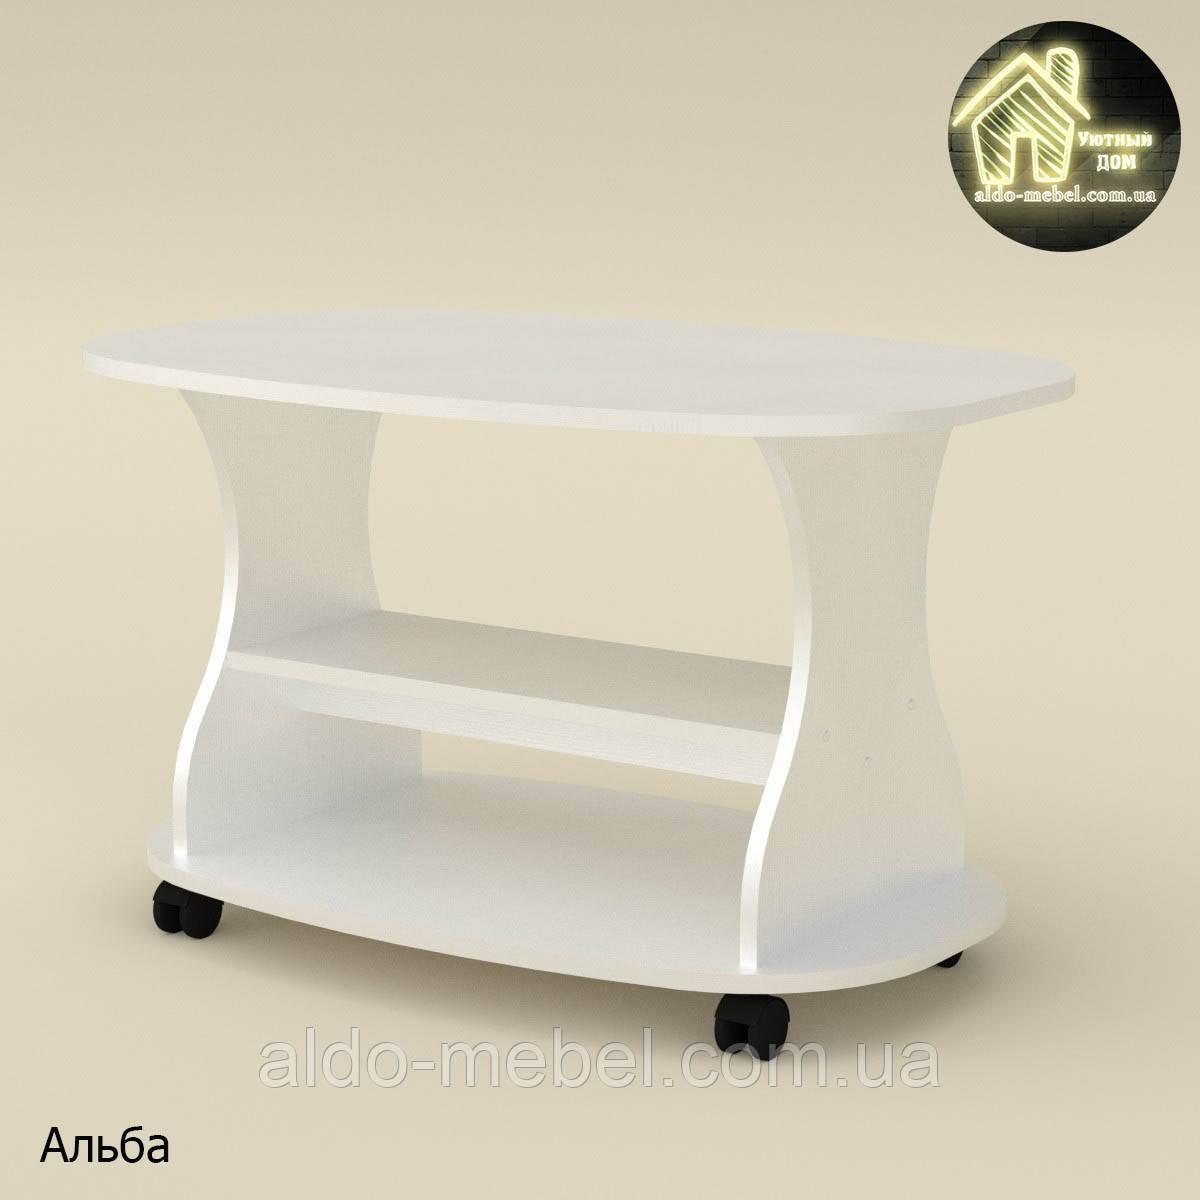 Стол журнальный Каприз L (торцовка пластик) Габариты Ш - 900 мм; В - 526 мм; Г - 580 мм (Компанит)